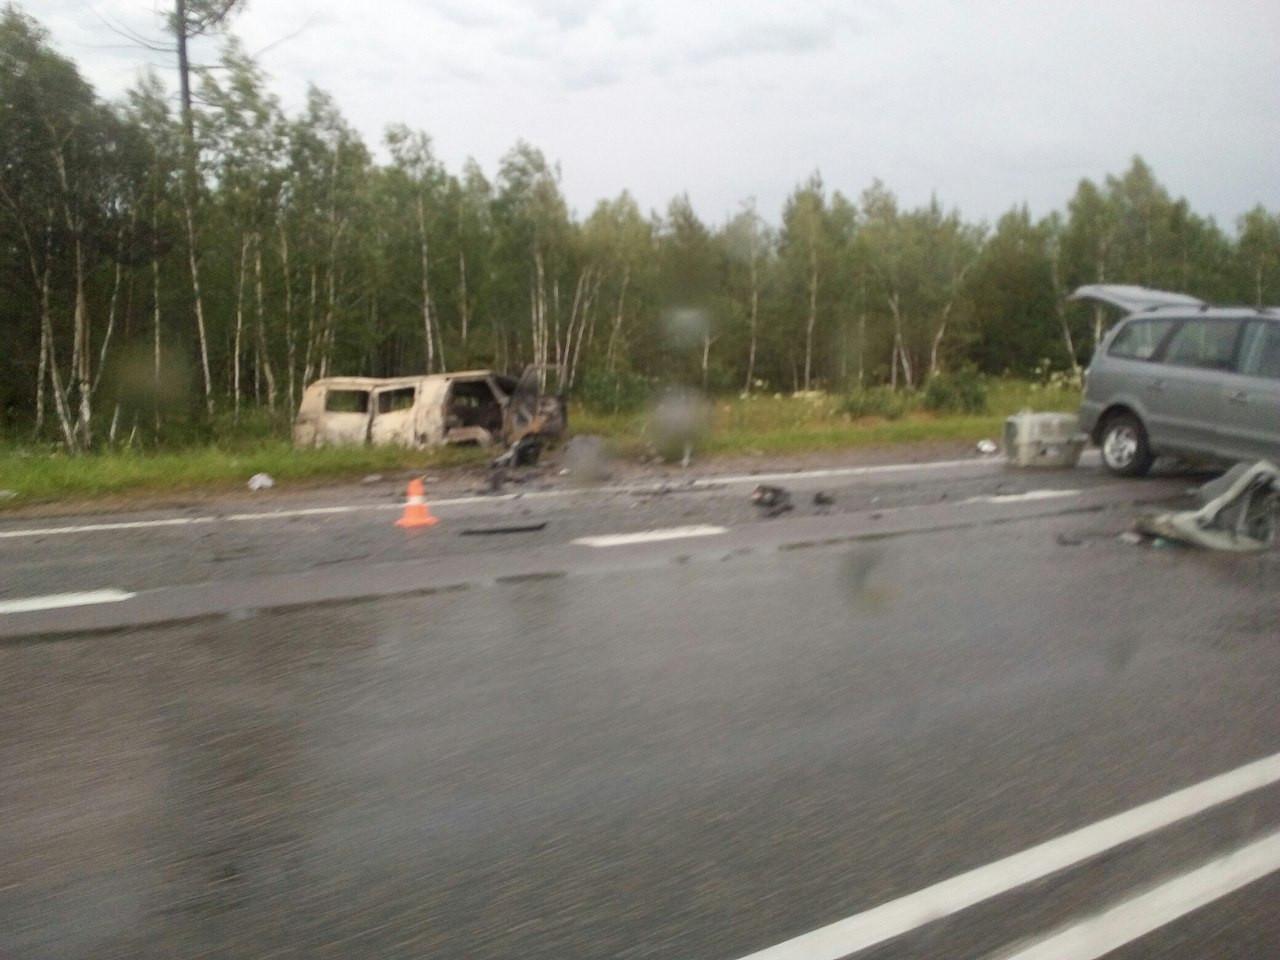 ВЧелябинской области столкнулись иностранная машина иУАЗ. Есть пострадавшие